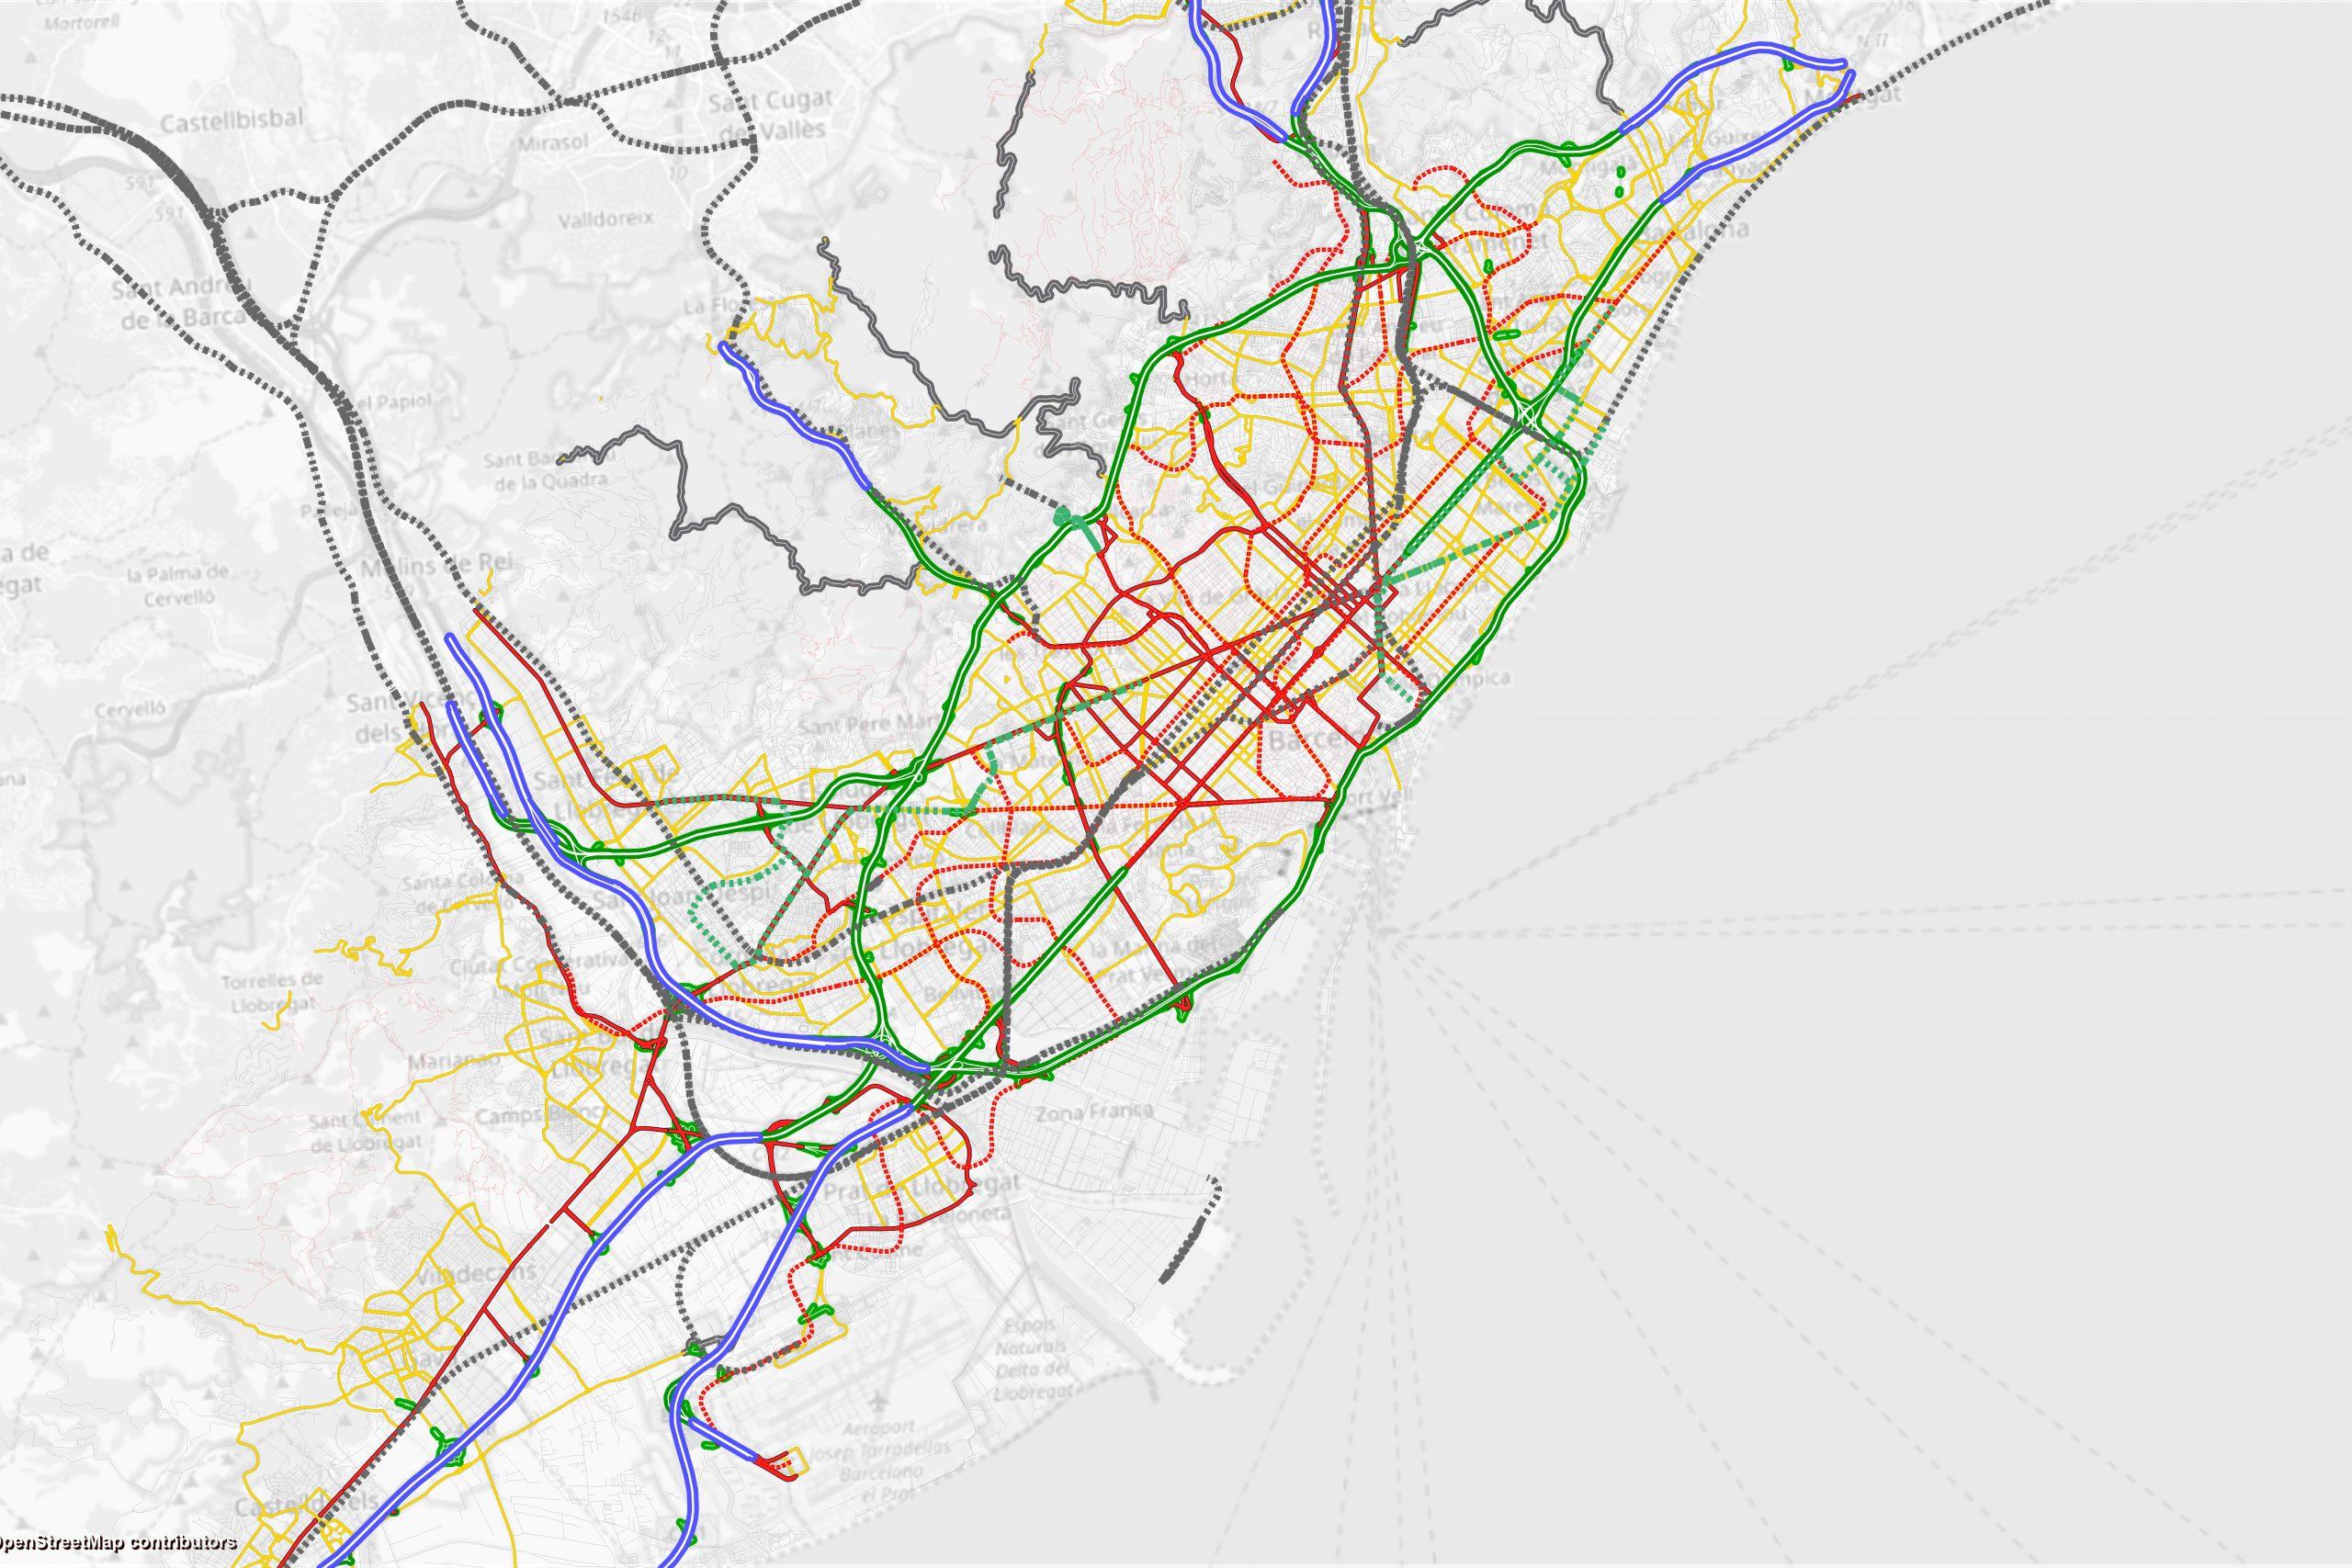 Finaliza la 2ª fase de la modelización del transporte de la Primera Corona de Barcelona